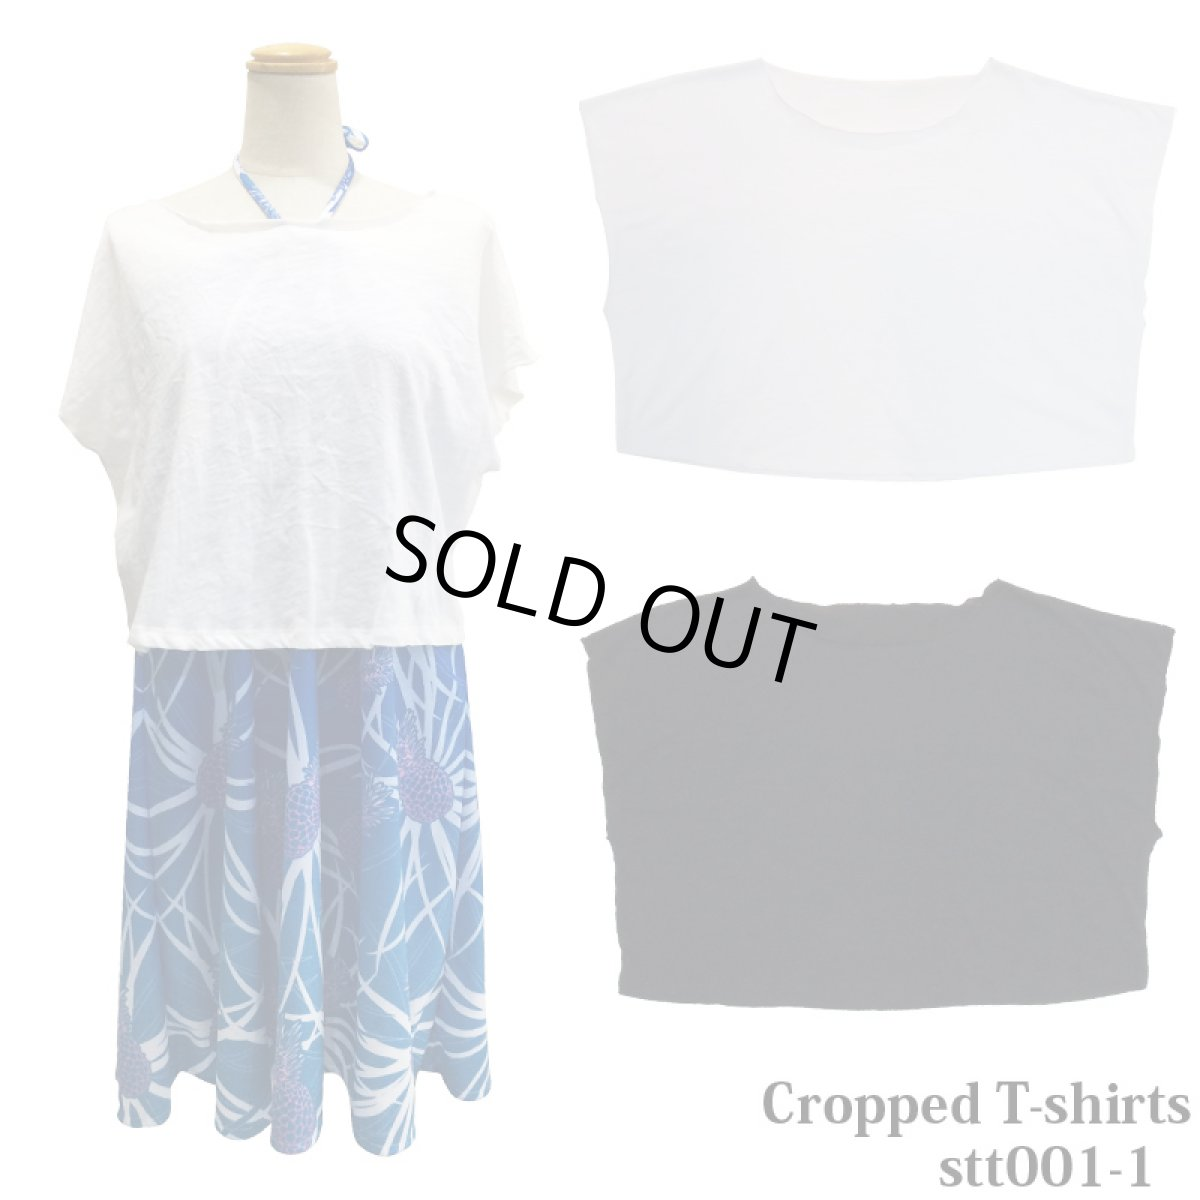 画像1: ≪重ね着 クロップドTシャツ ボレロ≫ショート丈Tシャツ 全2色     (1)